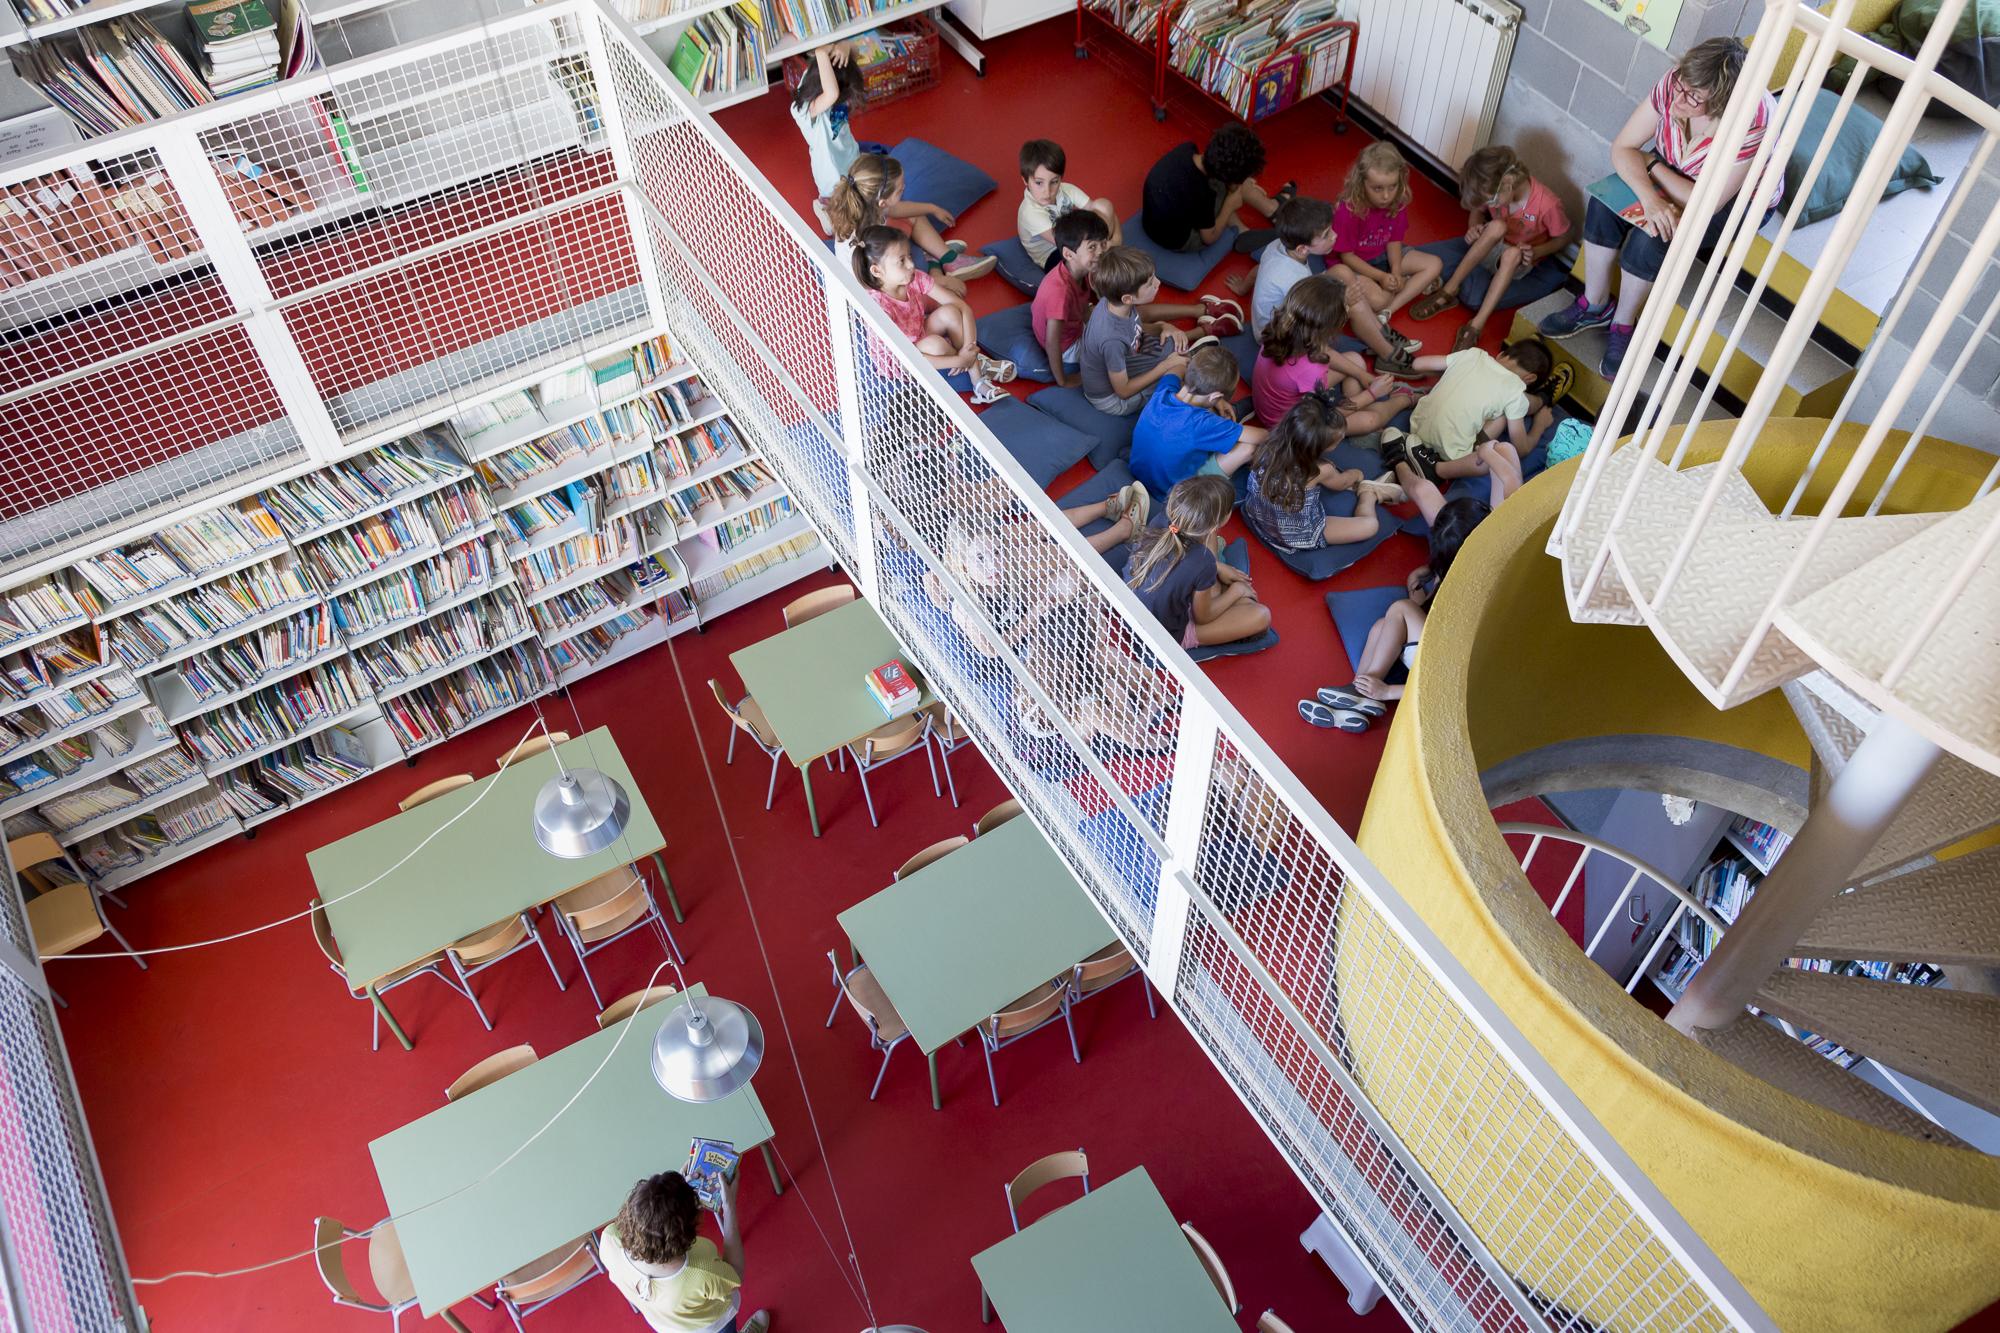 Escola_Vila_Olimpica_72dpi_073